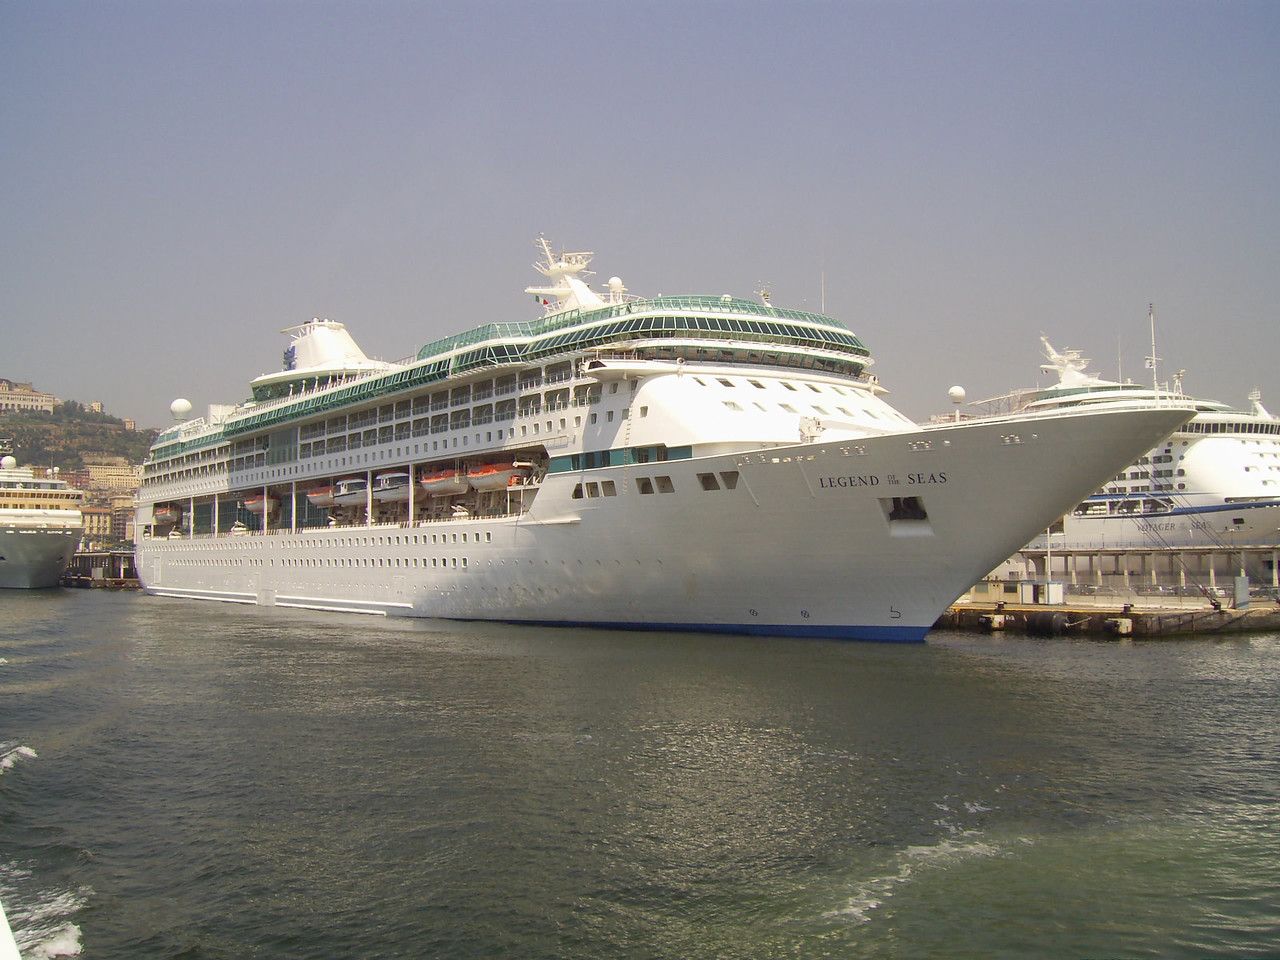 2007 - M/S LEGEND OF THE SEAS in Napoli.